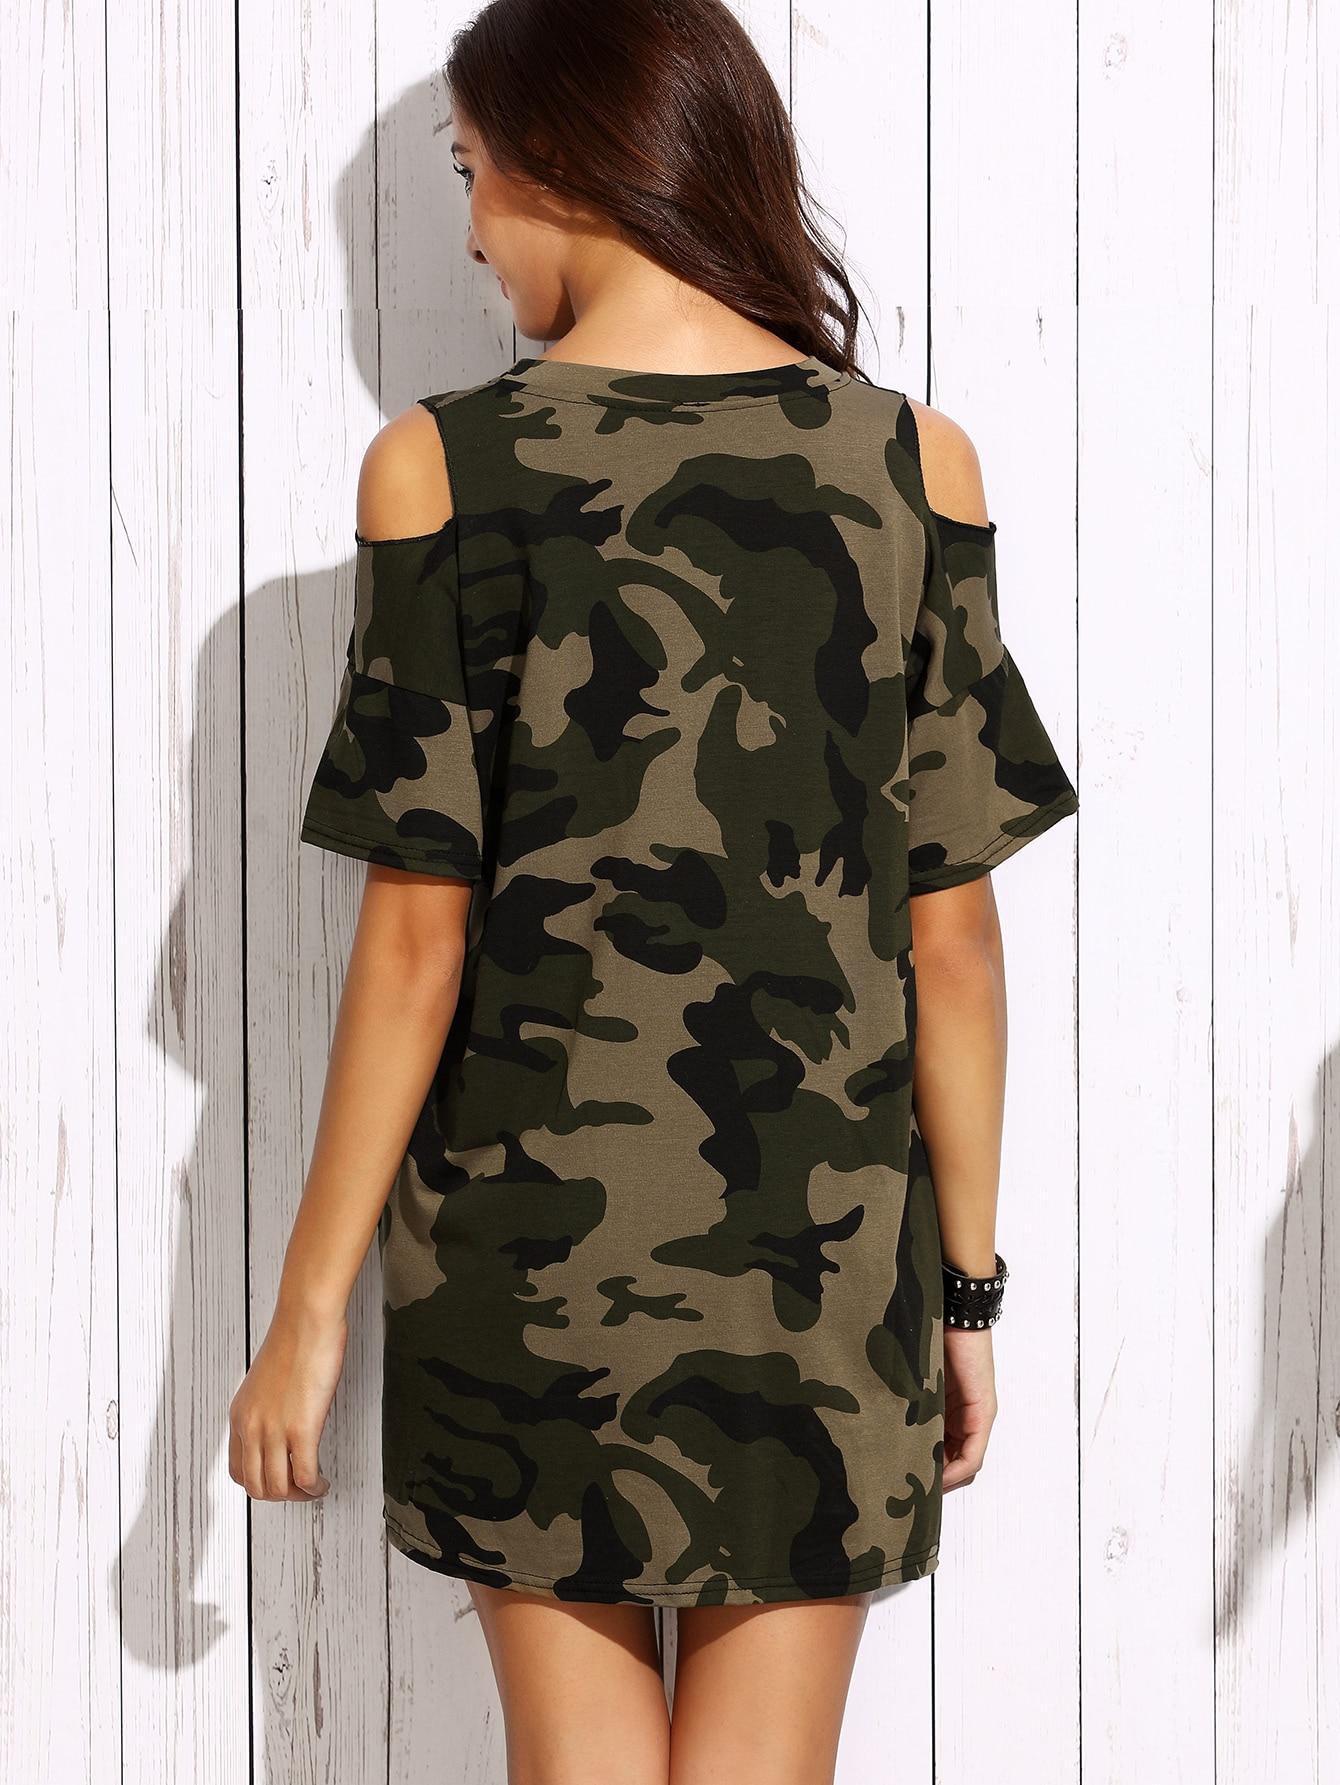 dress160726003_2